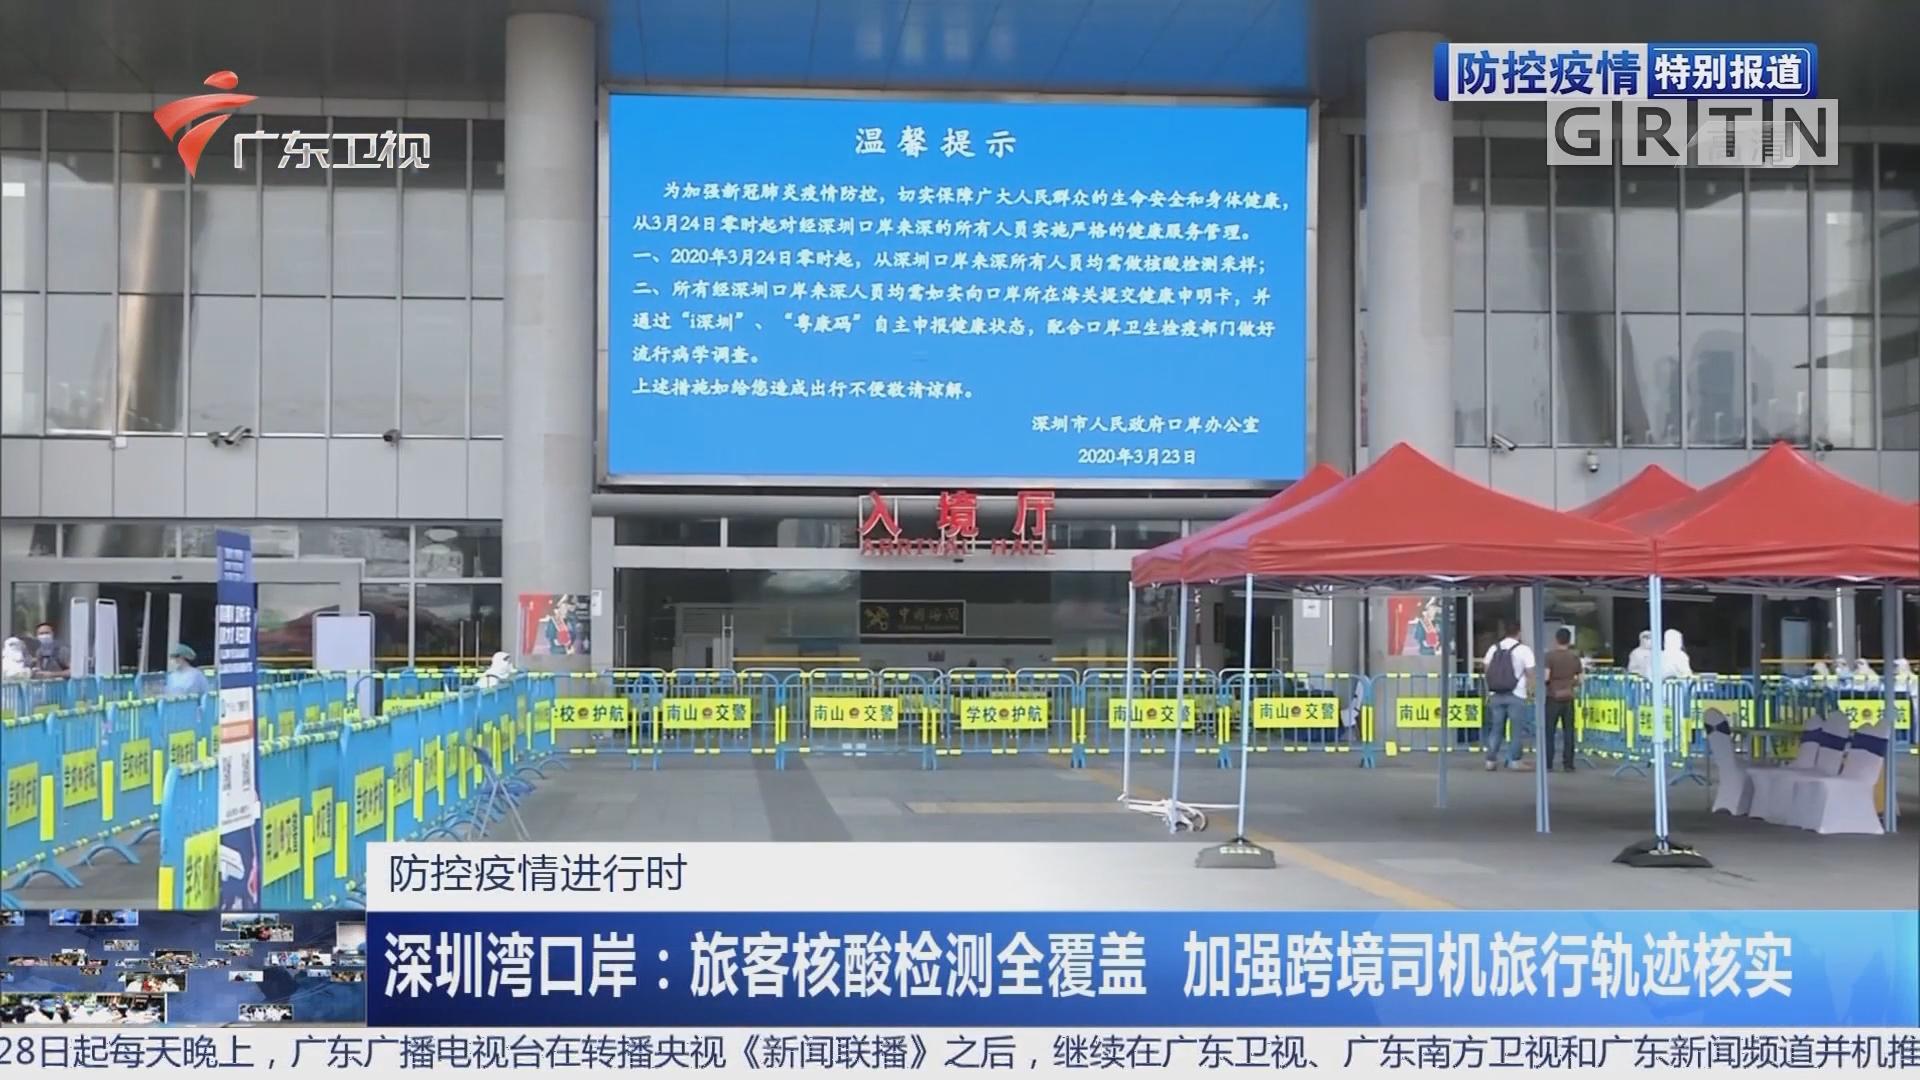 深圳湾口岸:旅客核酸检测全覆盖 加强跨境司机旅行轨迹核实